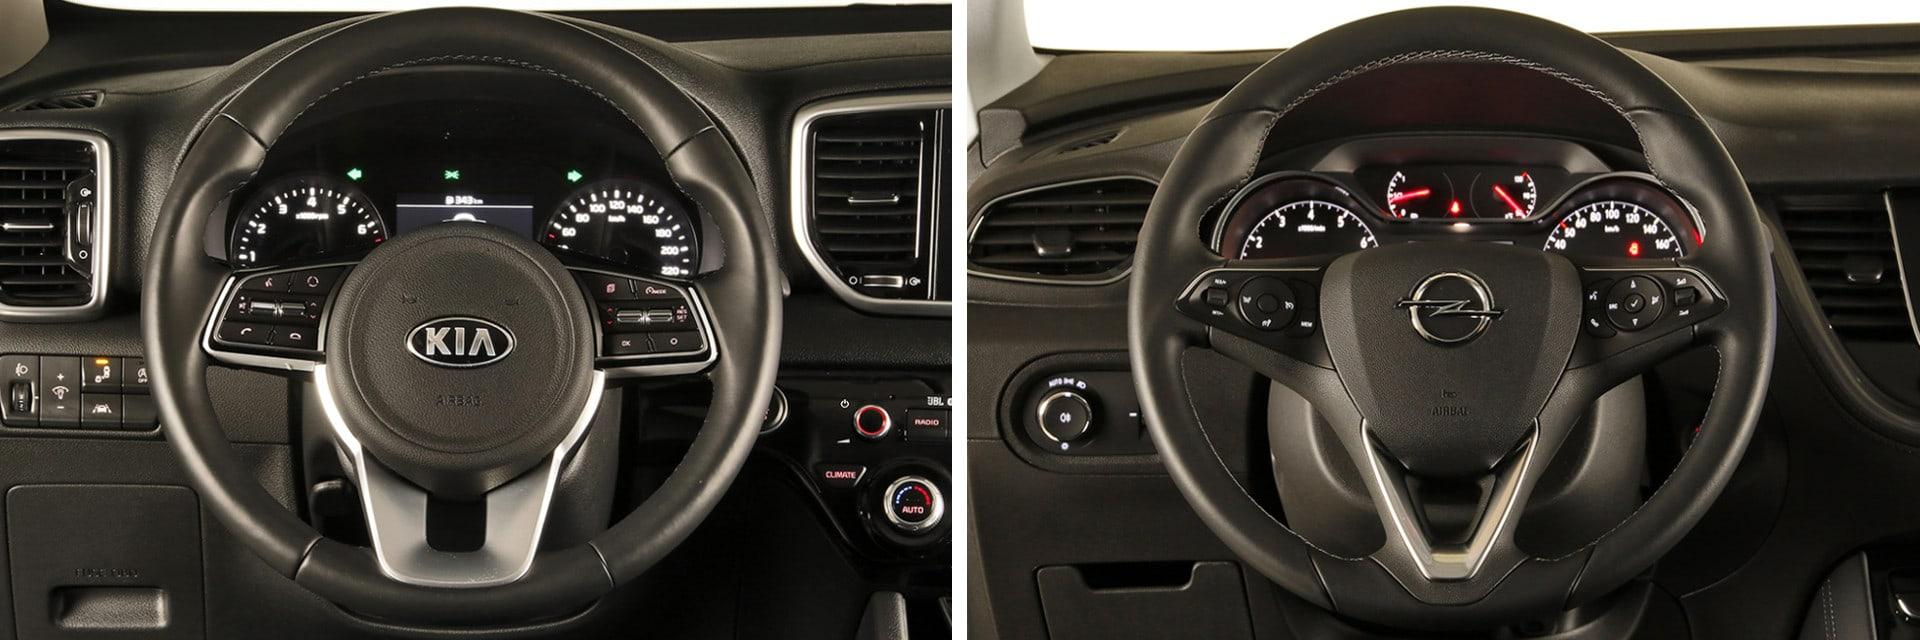 Ambos volantes llevan incorporados mandos para manejar, entre otras cosas, el equipo de sonido.